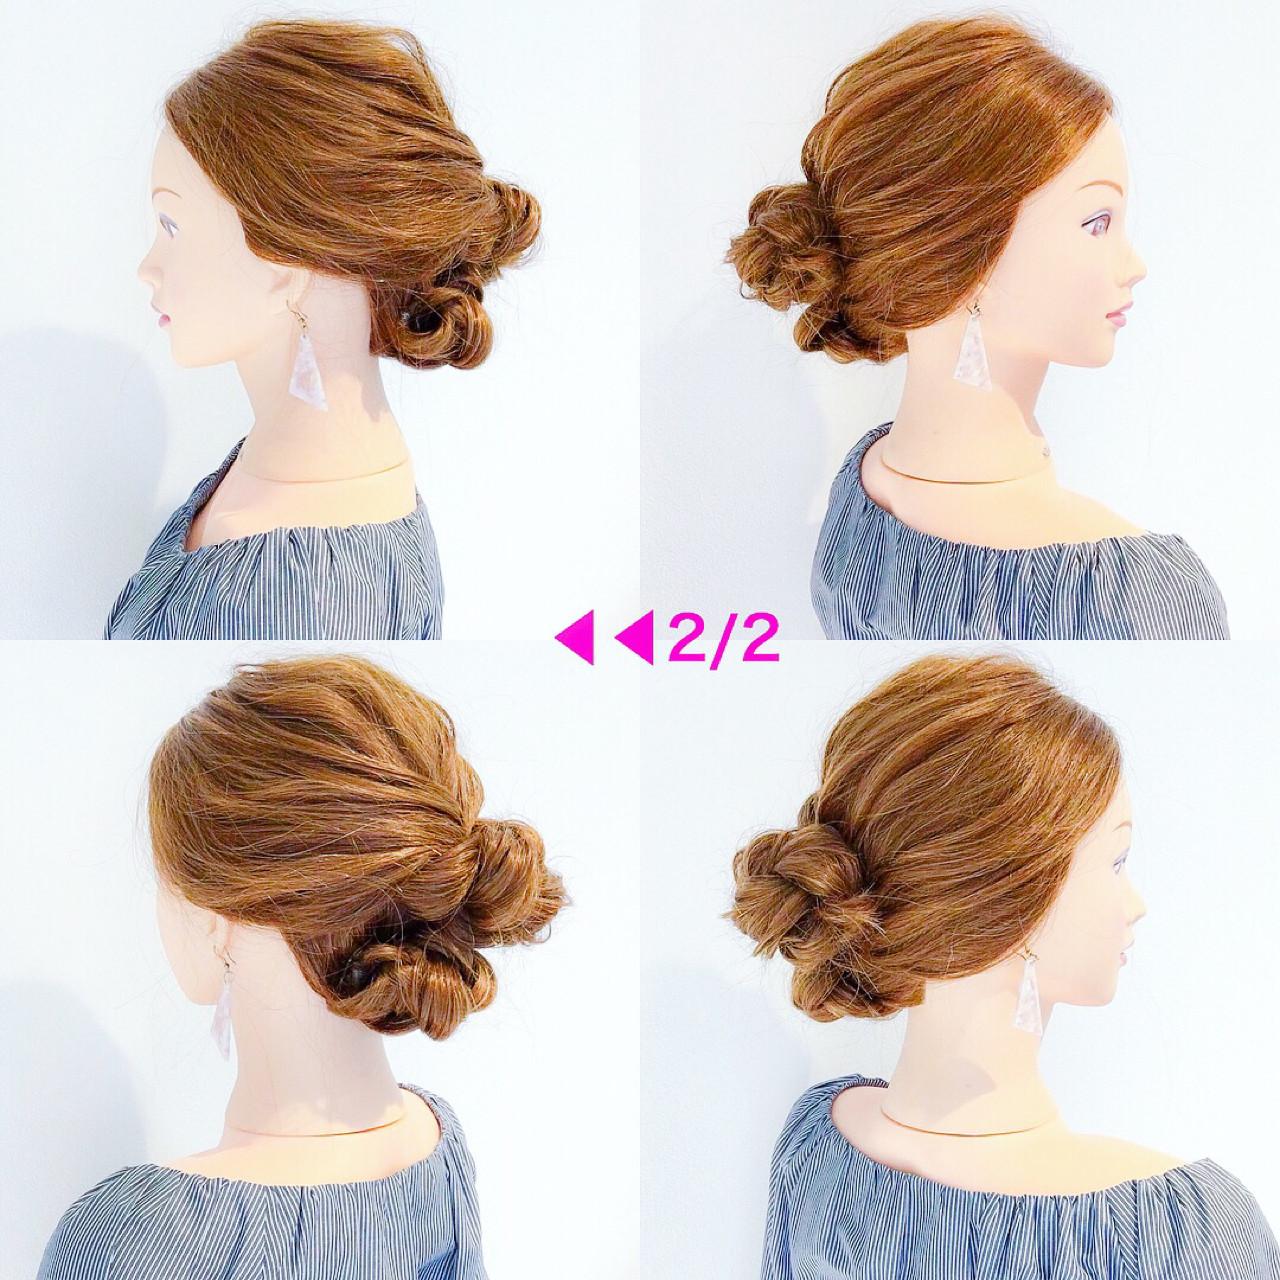 ヘアアレンジ デート アウトドア フェミニン ヘアスタイルや髪型の写真・画像 | 美容師HIRO/Amoute代表 / Amoute/アムティ